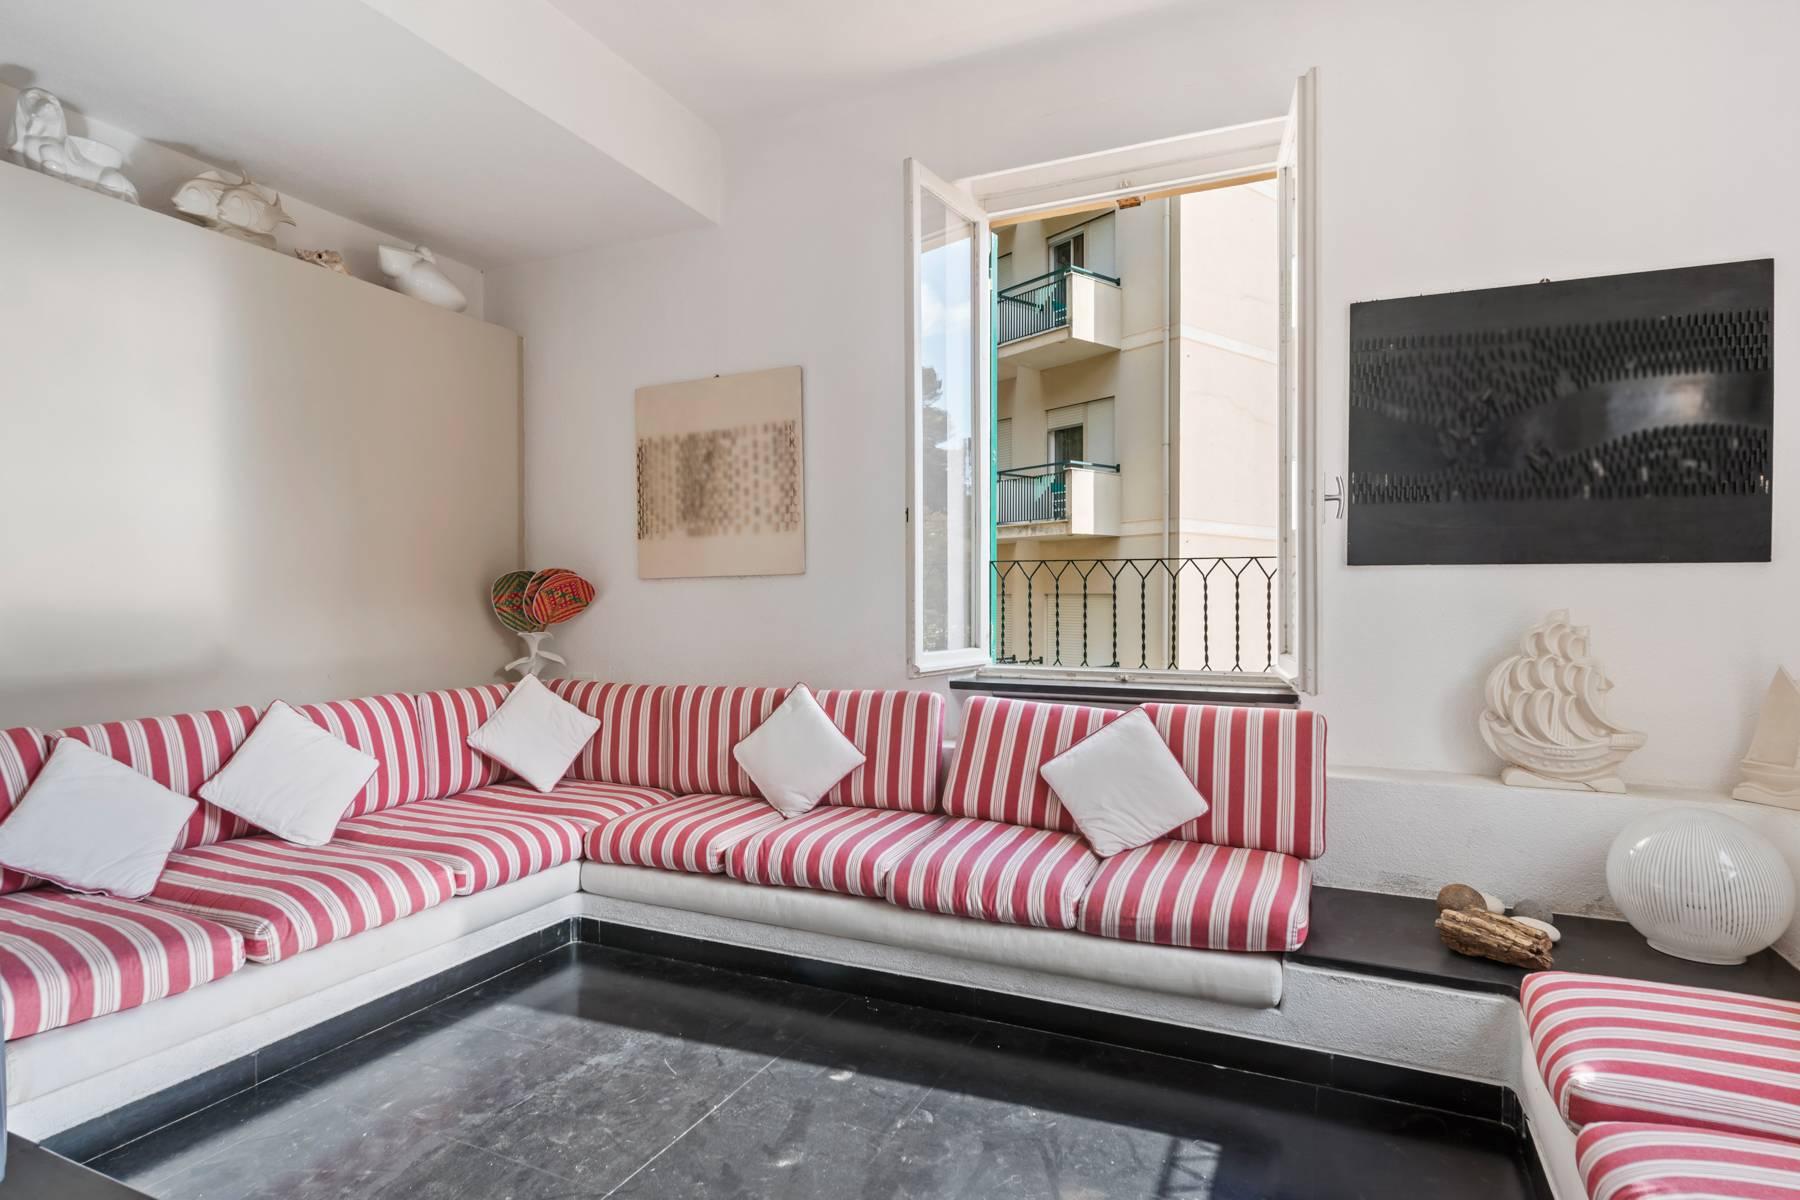 Appartamento in Vendita a Santa Margherita Ligure: 5 locali, 120 mq - Foto 15